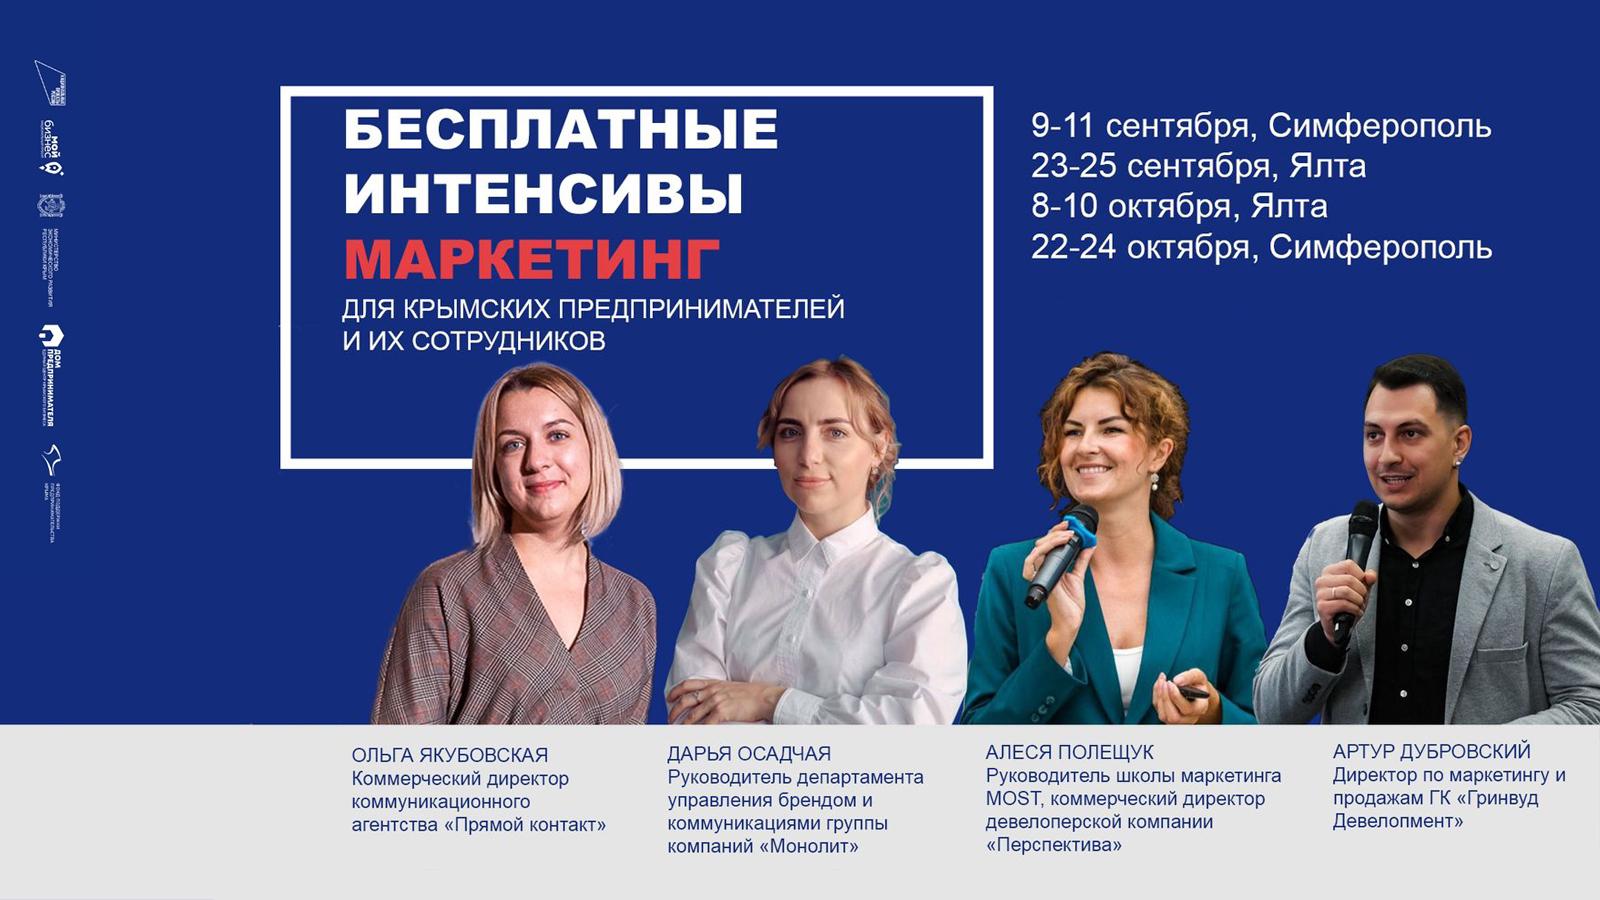 Топовые спикеры Крыма проведут бесплатный интенсив по маркетингу в Ялте